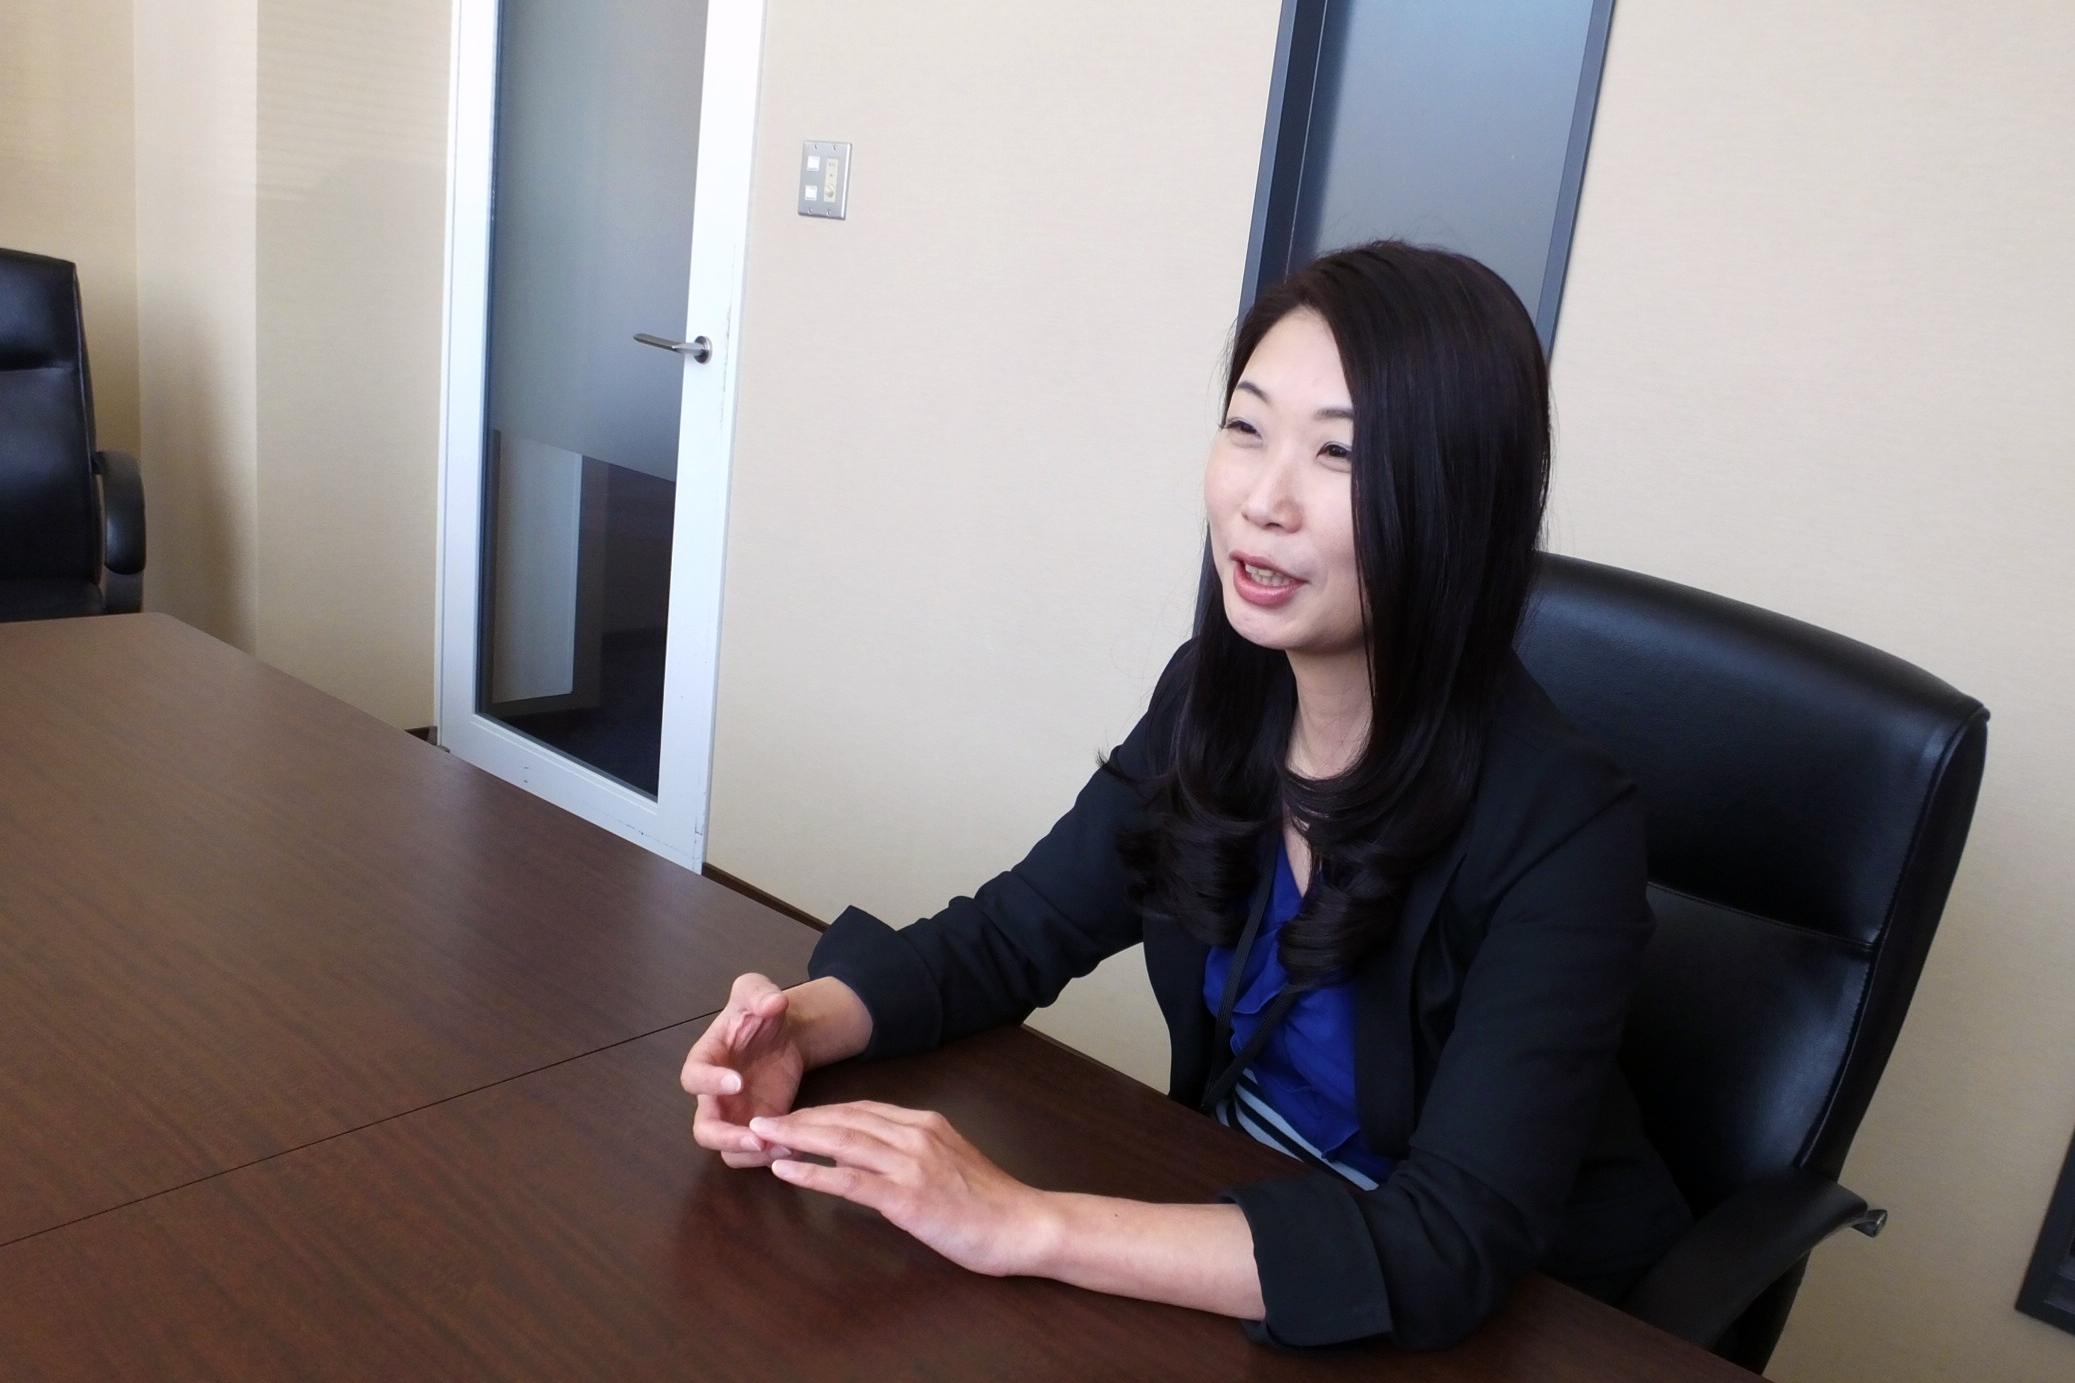 管理部長の高島由美さん